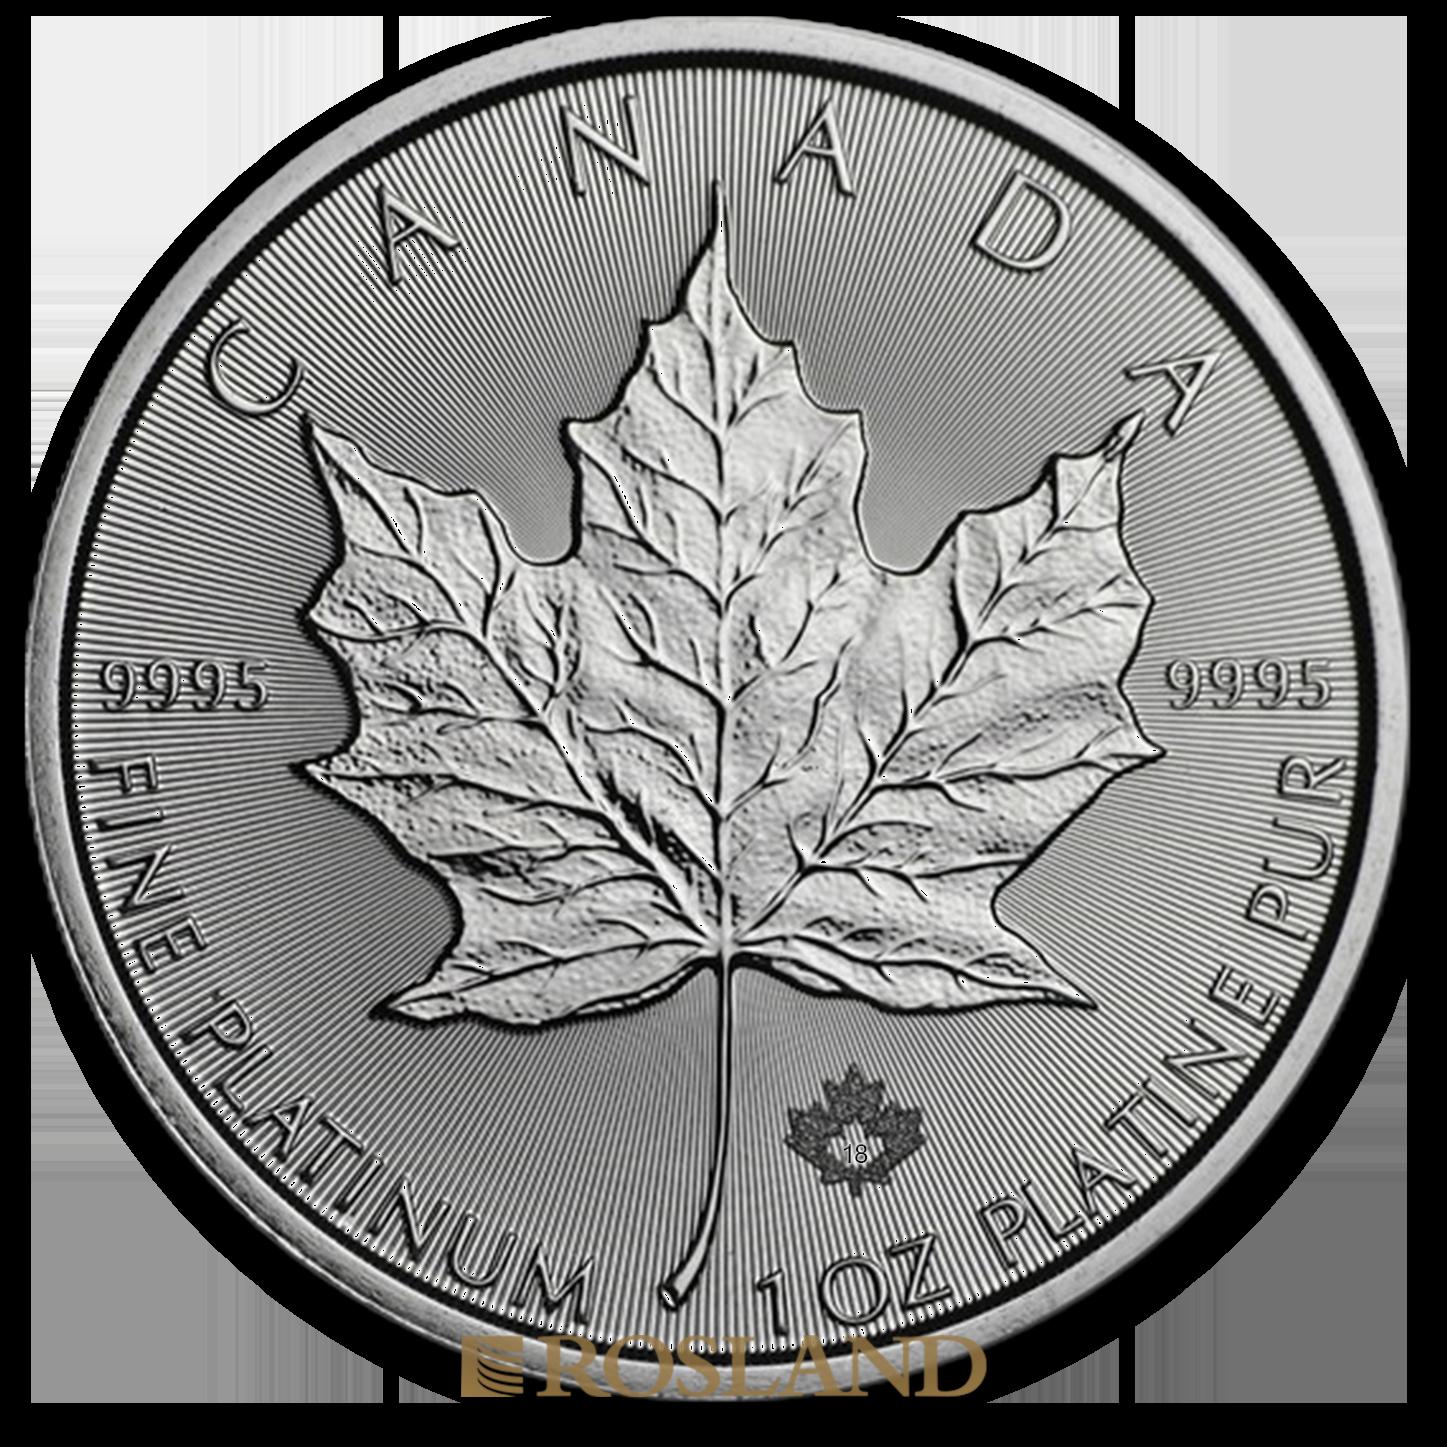 1 Unze Platinmünze Kanada Maple Leaf 2018